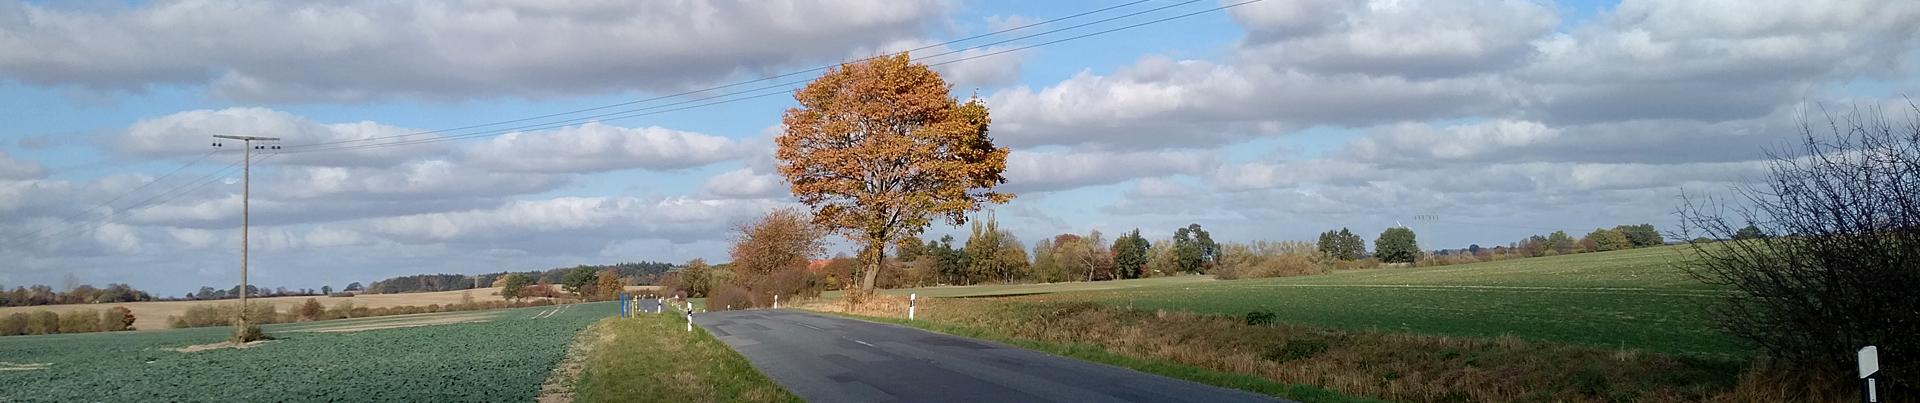 Startseite Herbst2